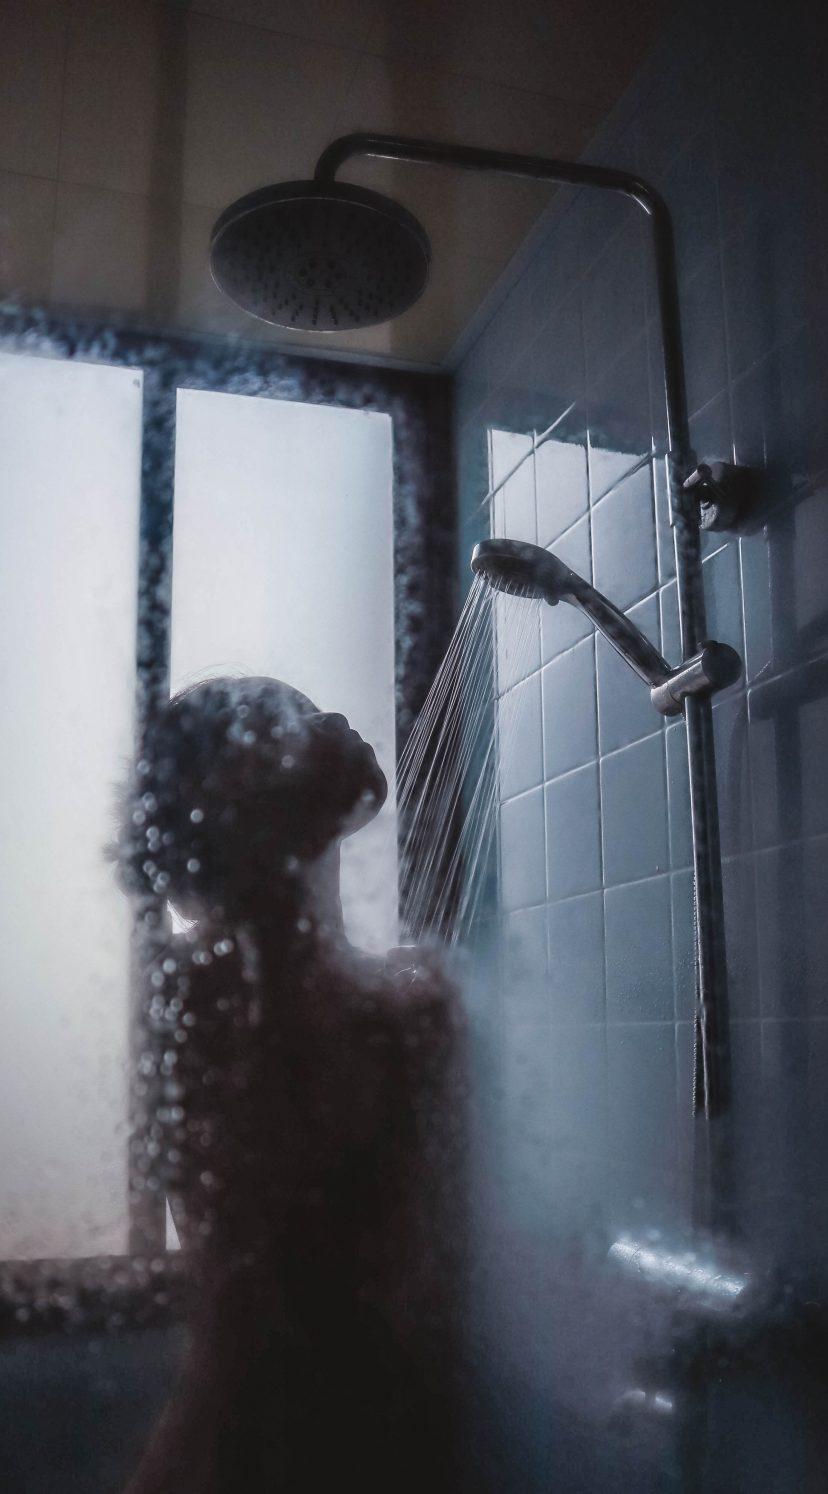 Naked girl taking a shower